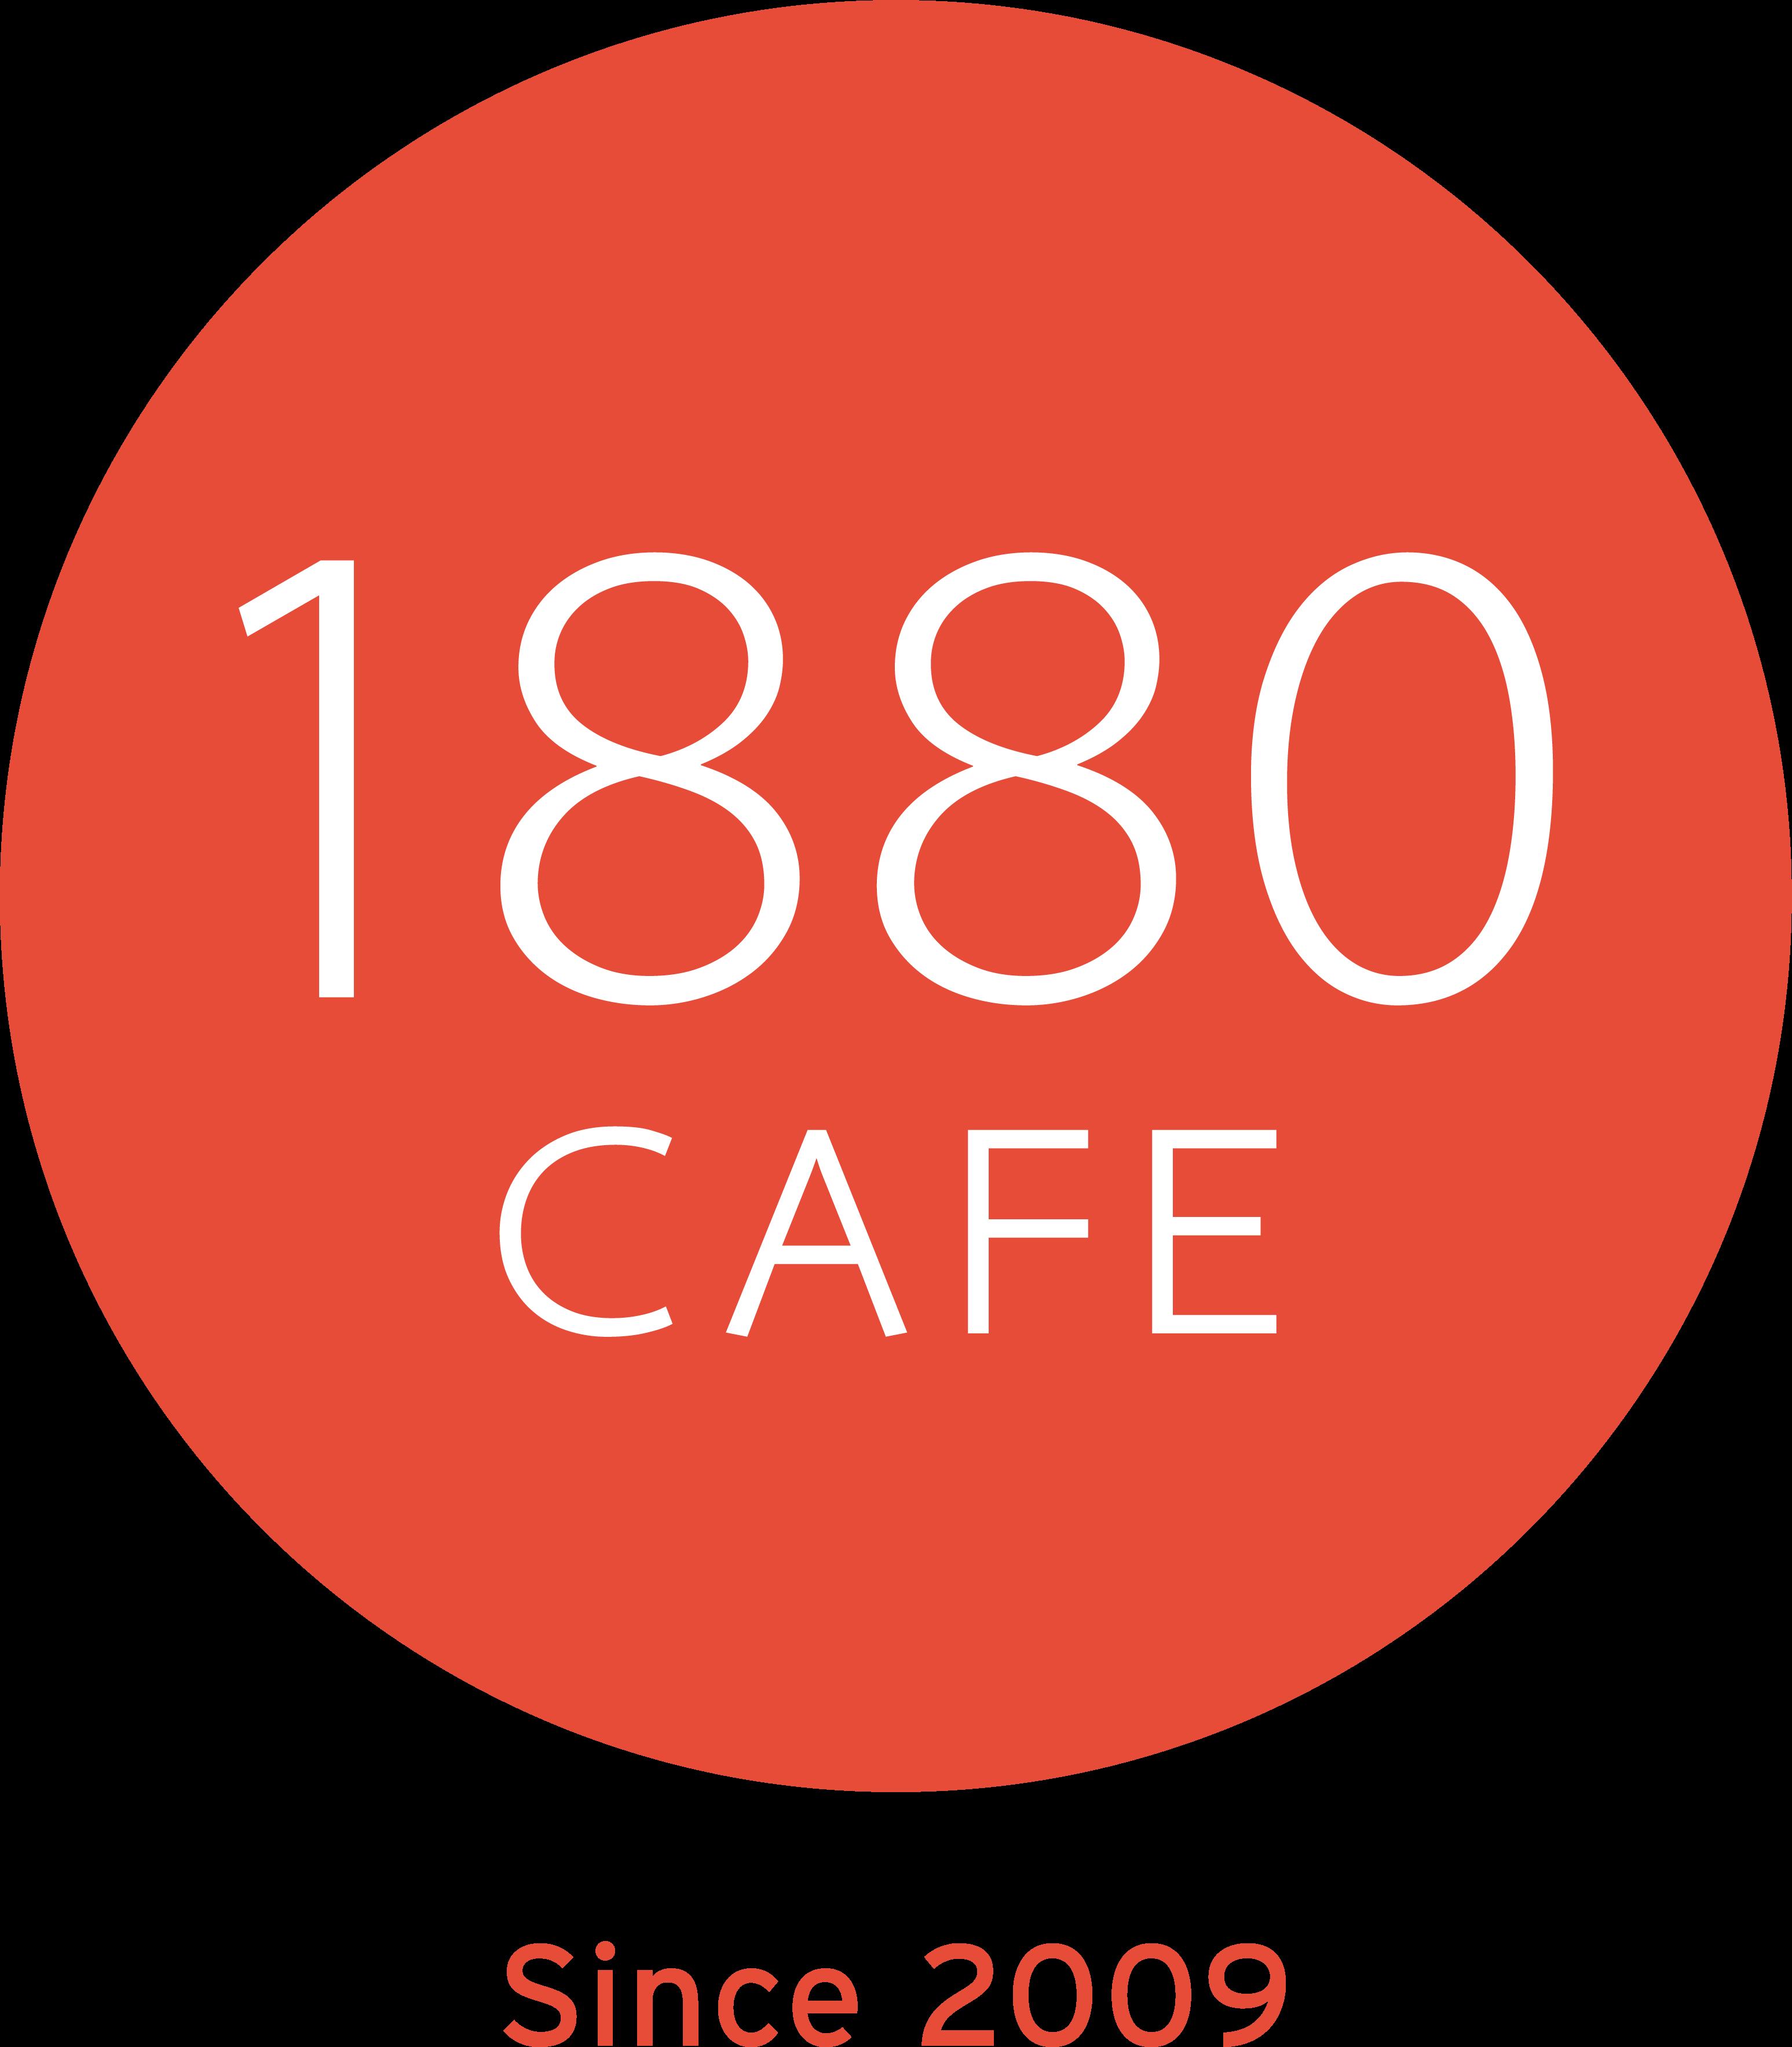 1880 Cafe Home